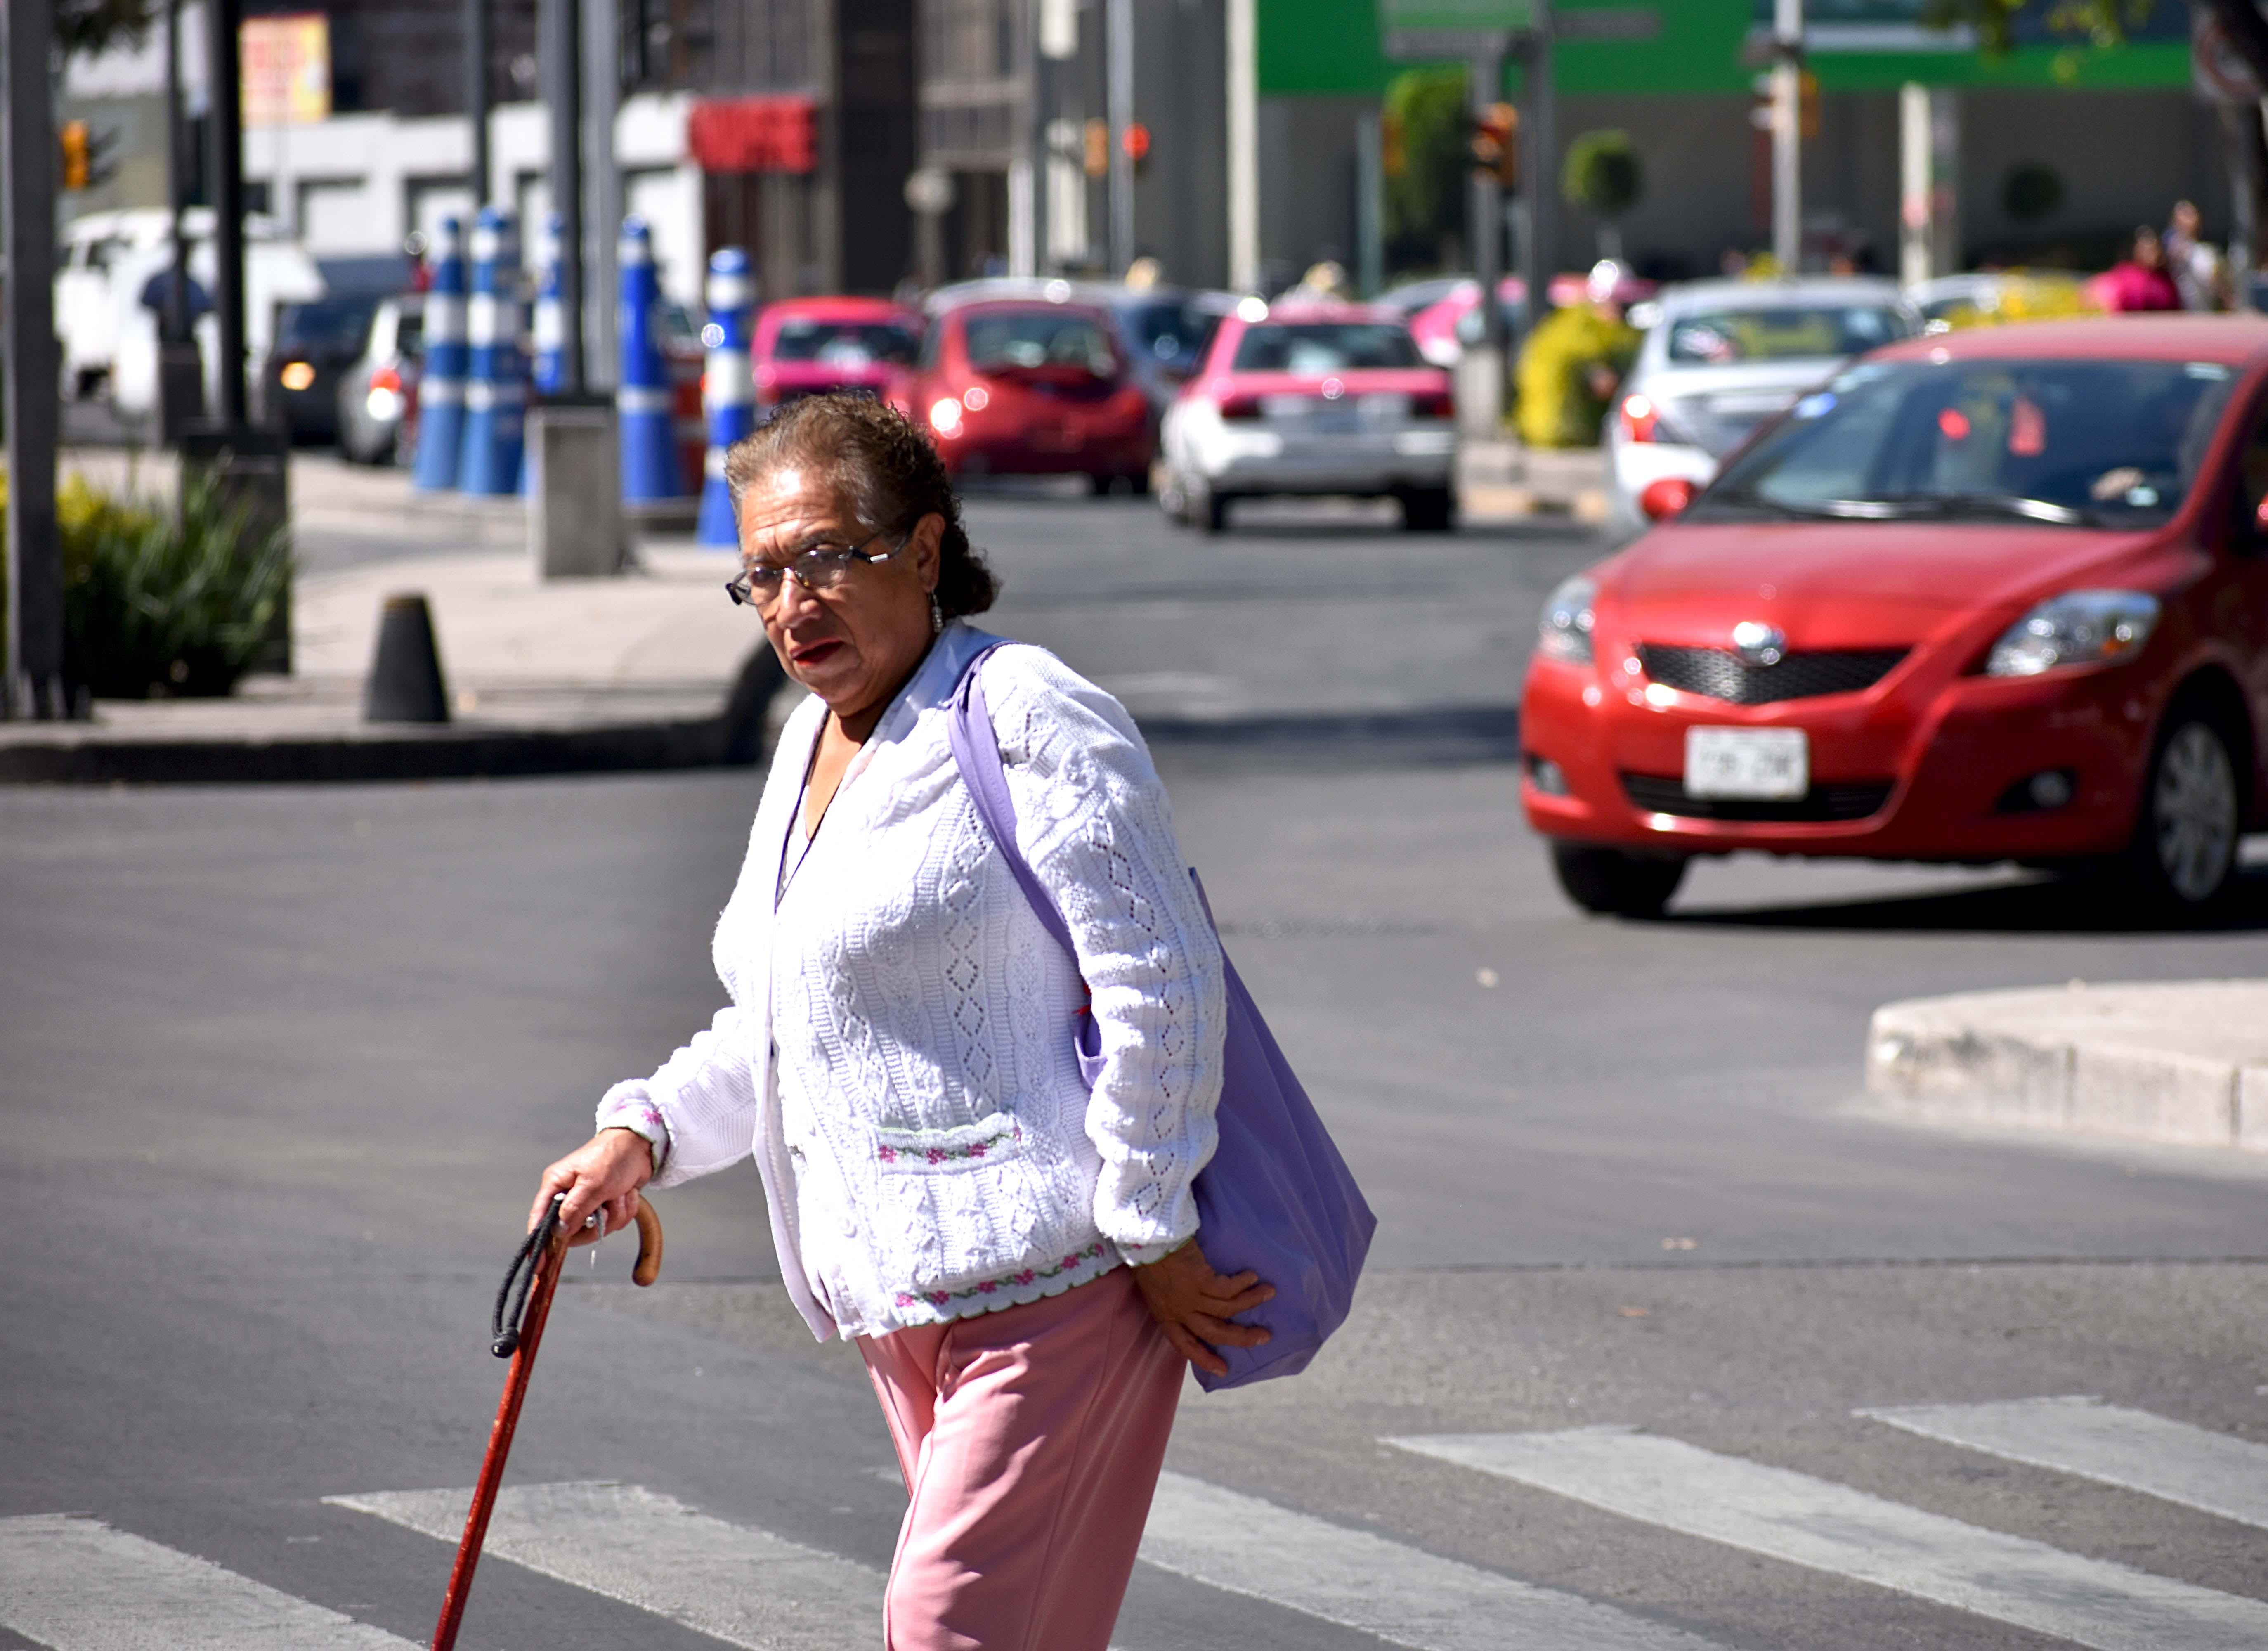 Población mayor de 60 años vive una década de su vida con enfermedades que los incapacitan